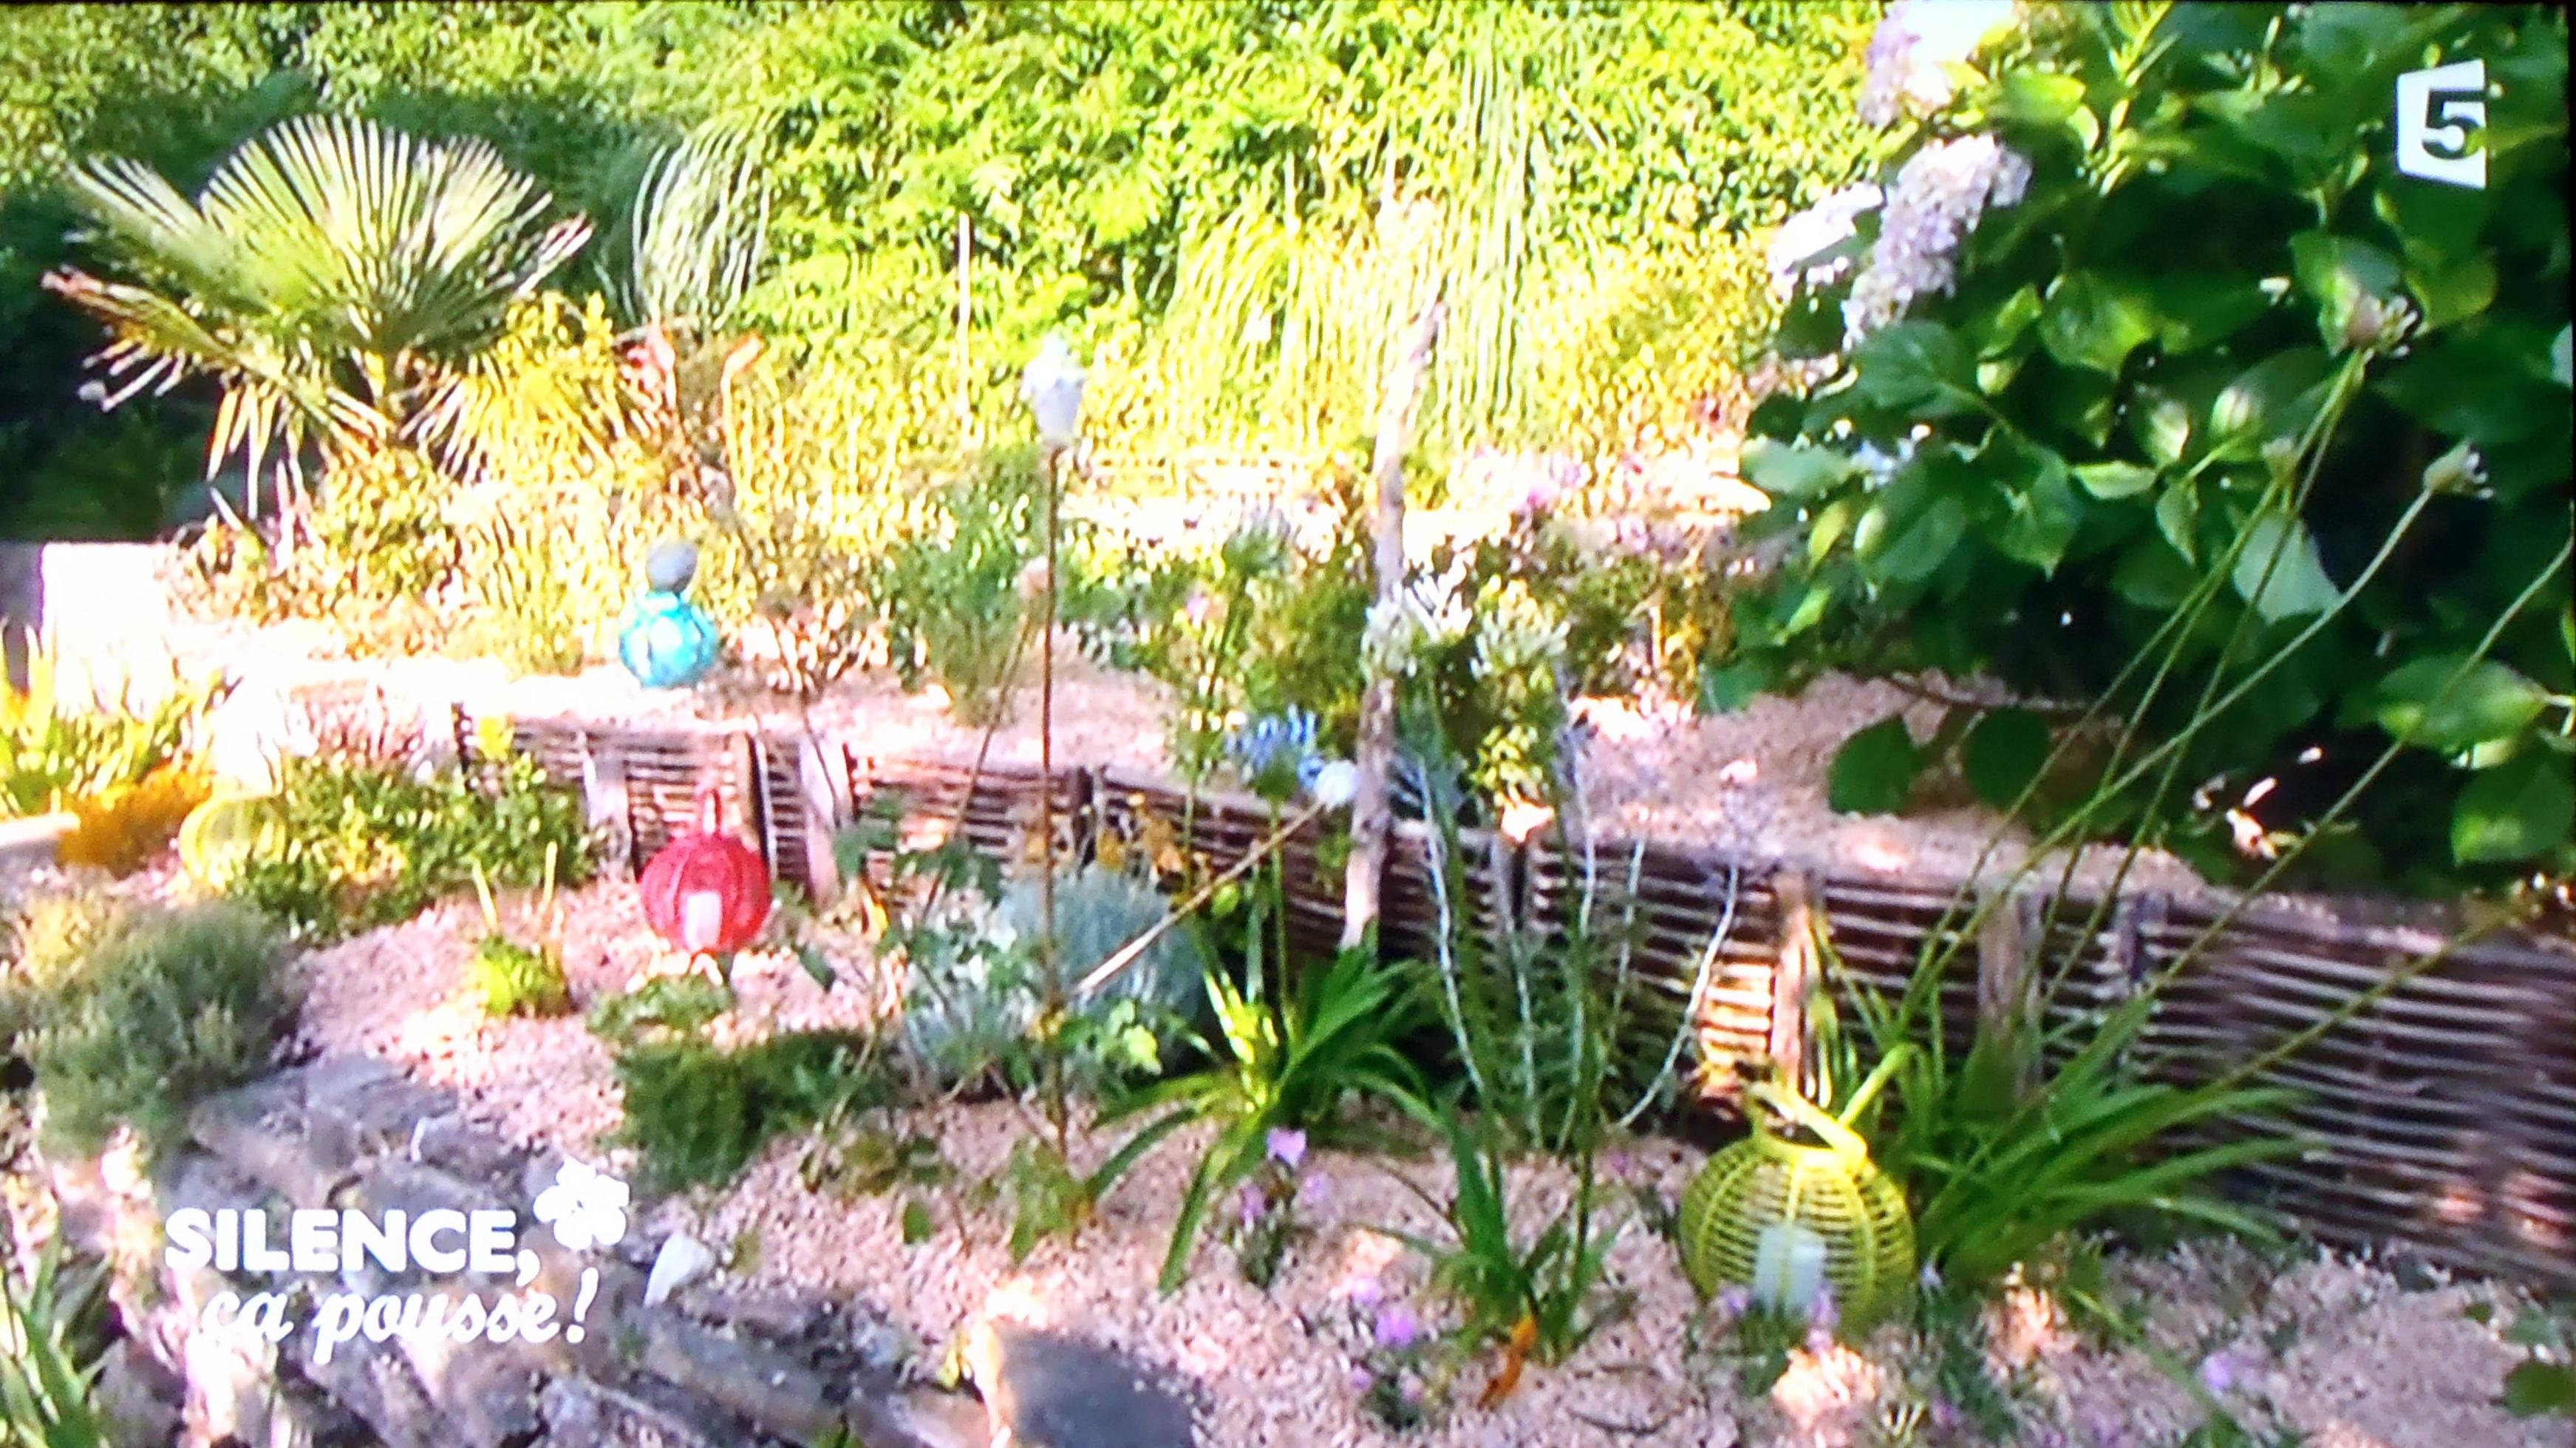 Un jardin exotique sur trois niveaux en climat oc anique pas de panique d cryptage de l 39 mission for Jardin plantation